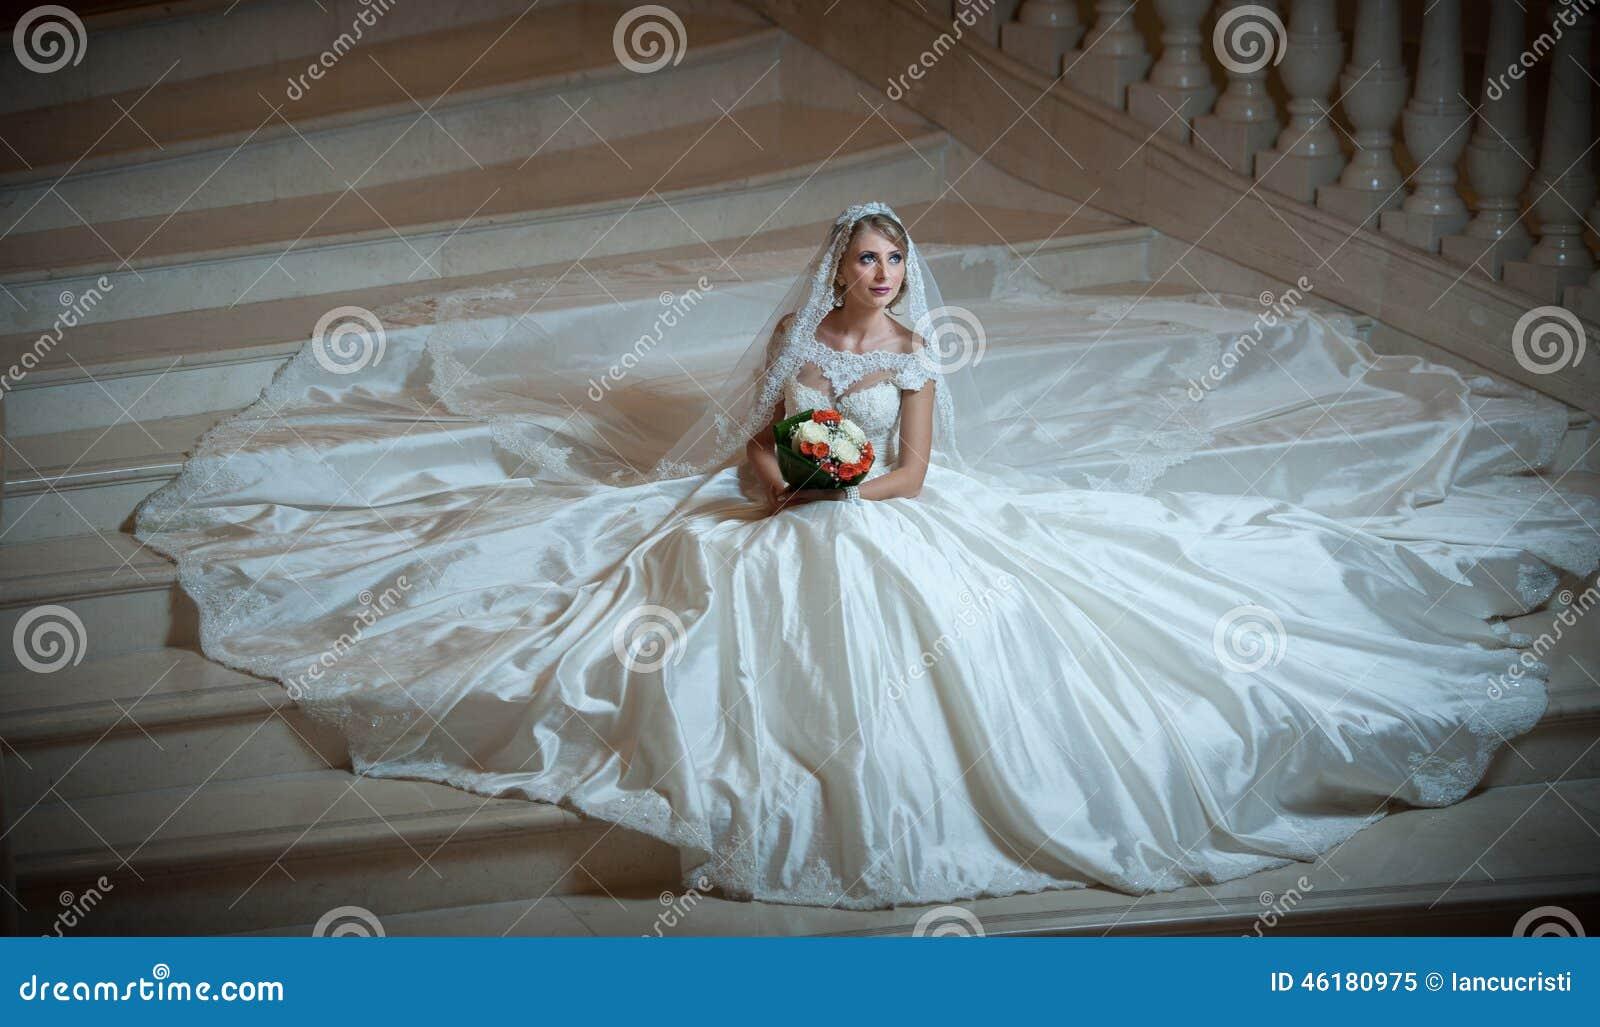 La Mujer Lujosa Hermosa Joven En El Vestido De Boda Que Se Sienta En ...